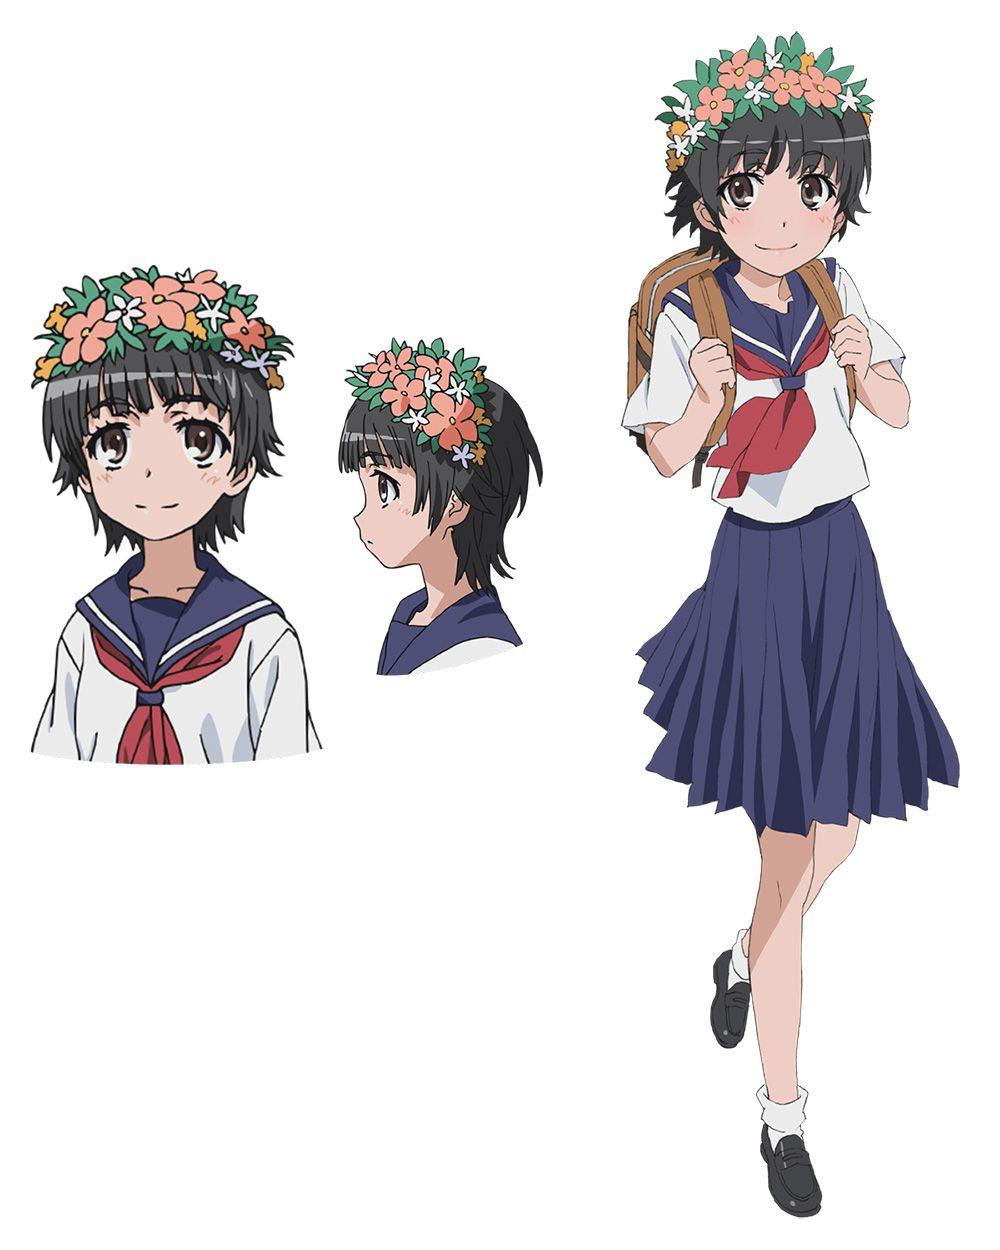 Toaru-Kagaku-no-Railgun-Season-3-Character-Designs-Kazari-Uiharu